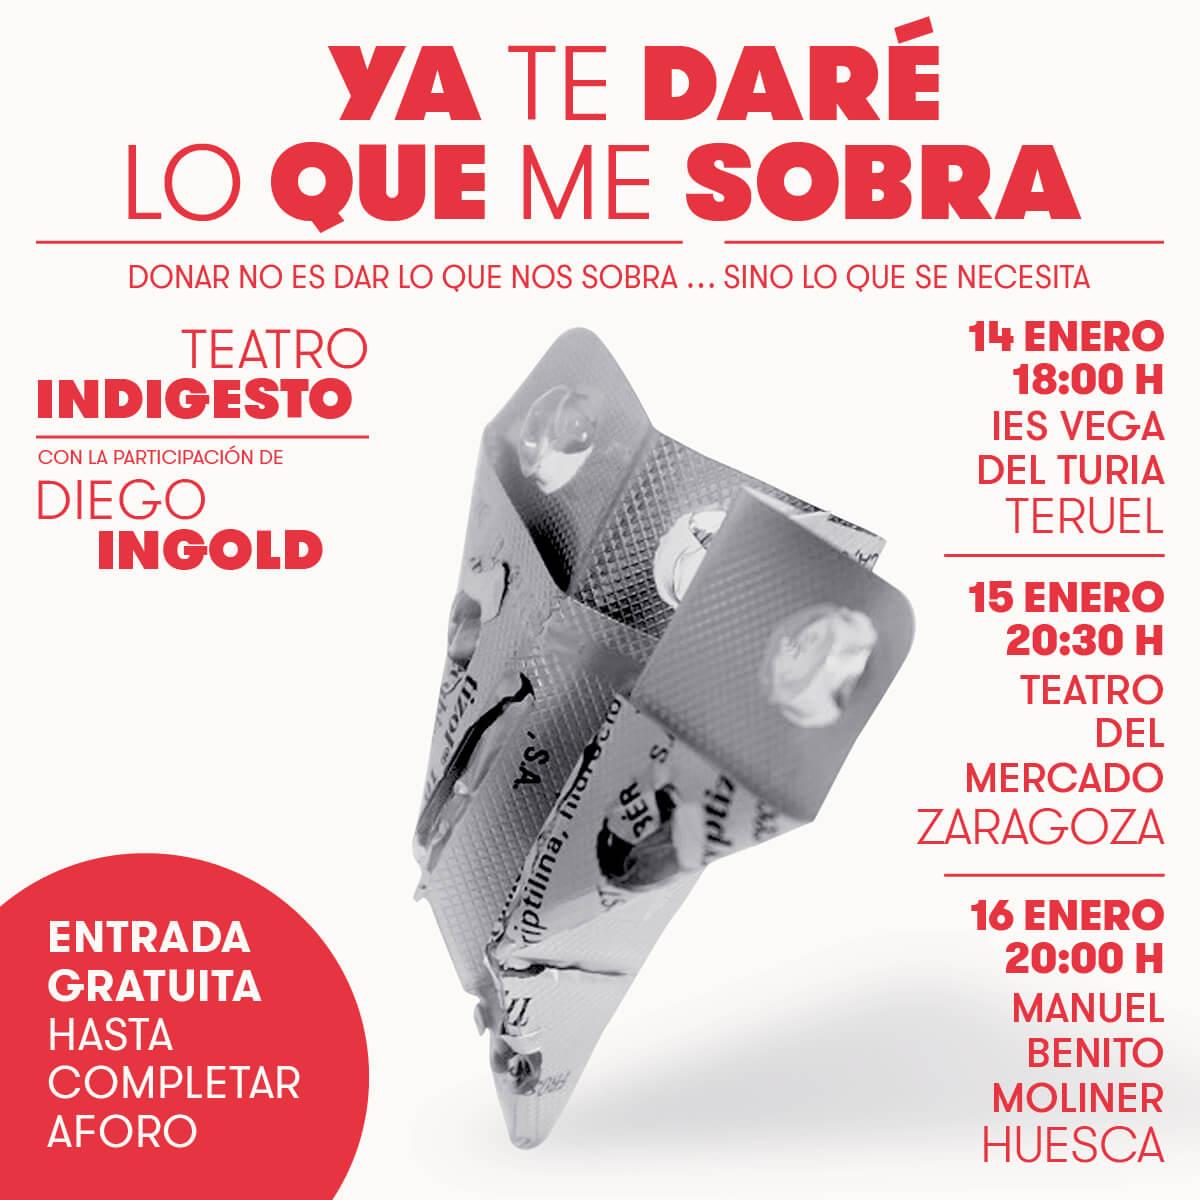 Una gira teatral en Aragón ayuda a reivindicar las donaciones responsables de medicamentos